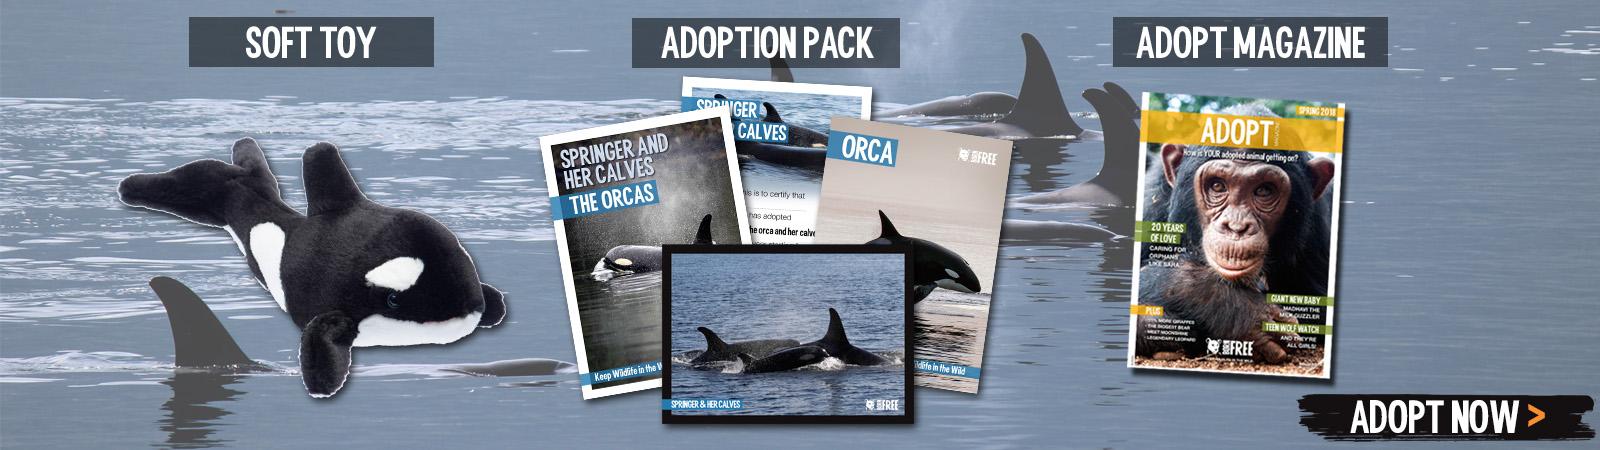 Sponsor an Orca